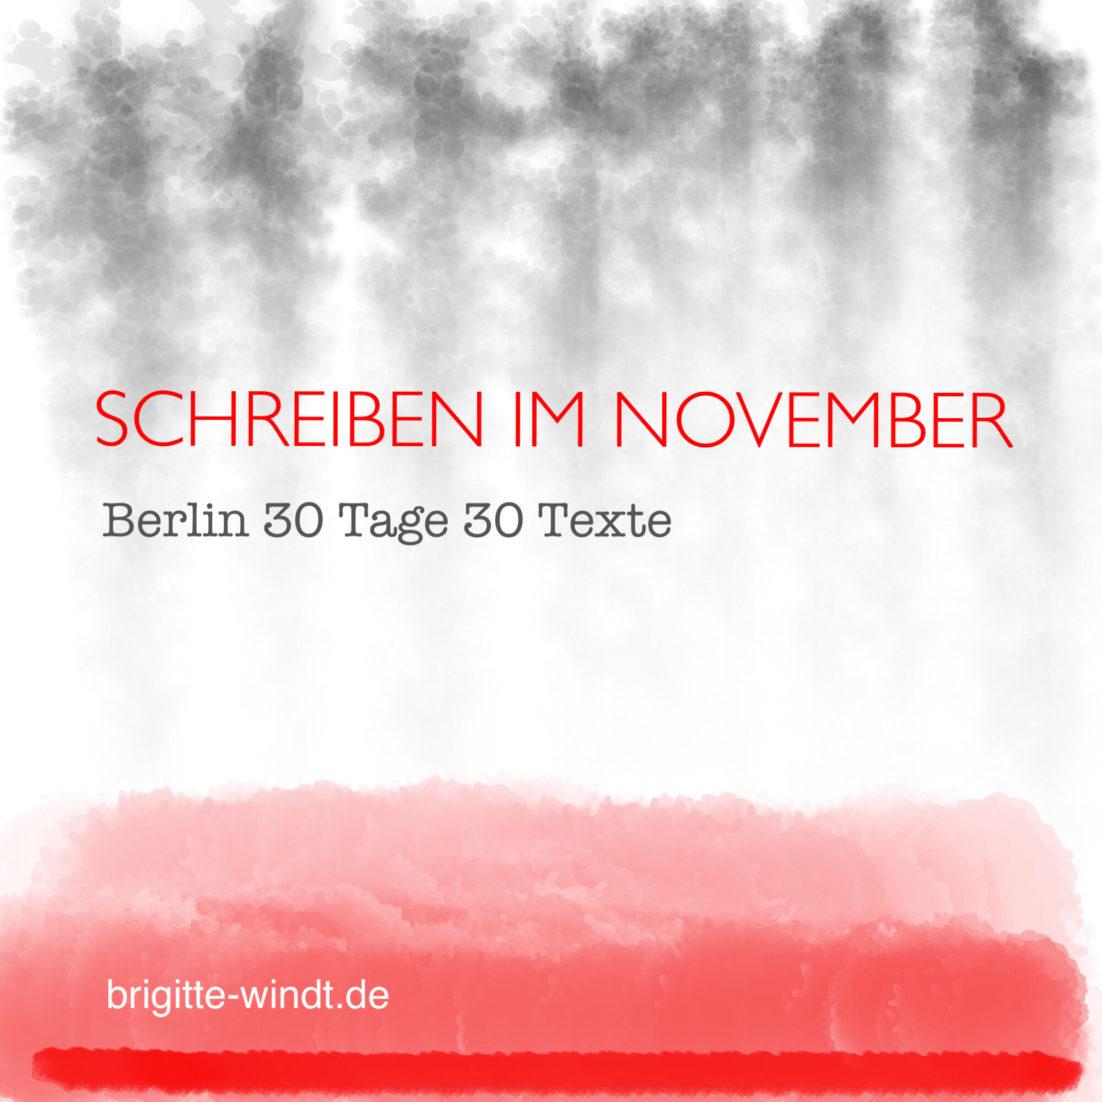 Schreiben im November Berlin 30 Tage 30 Texte mit Brigitte Windt